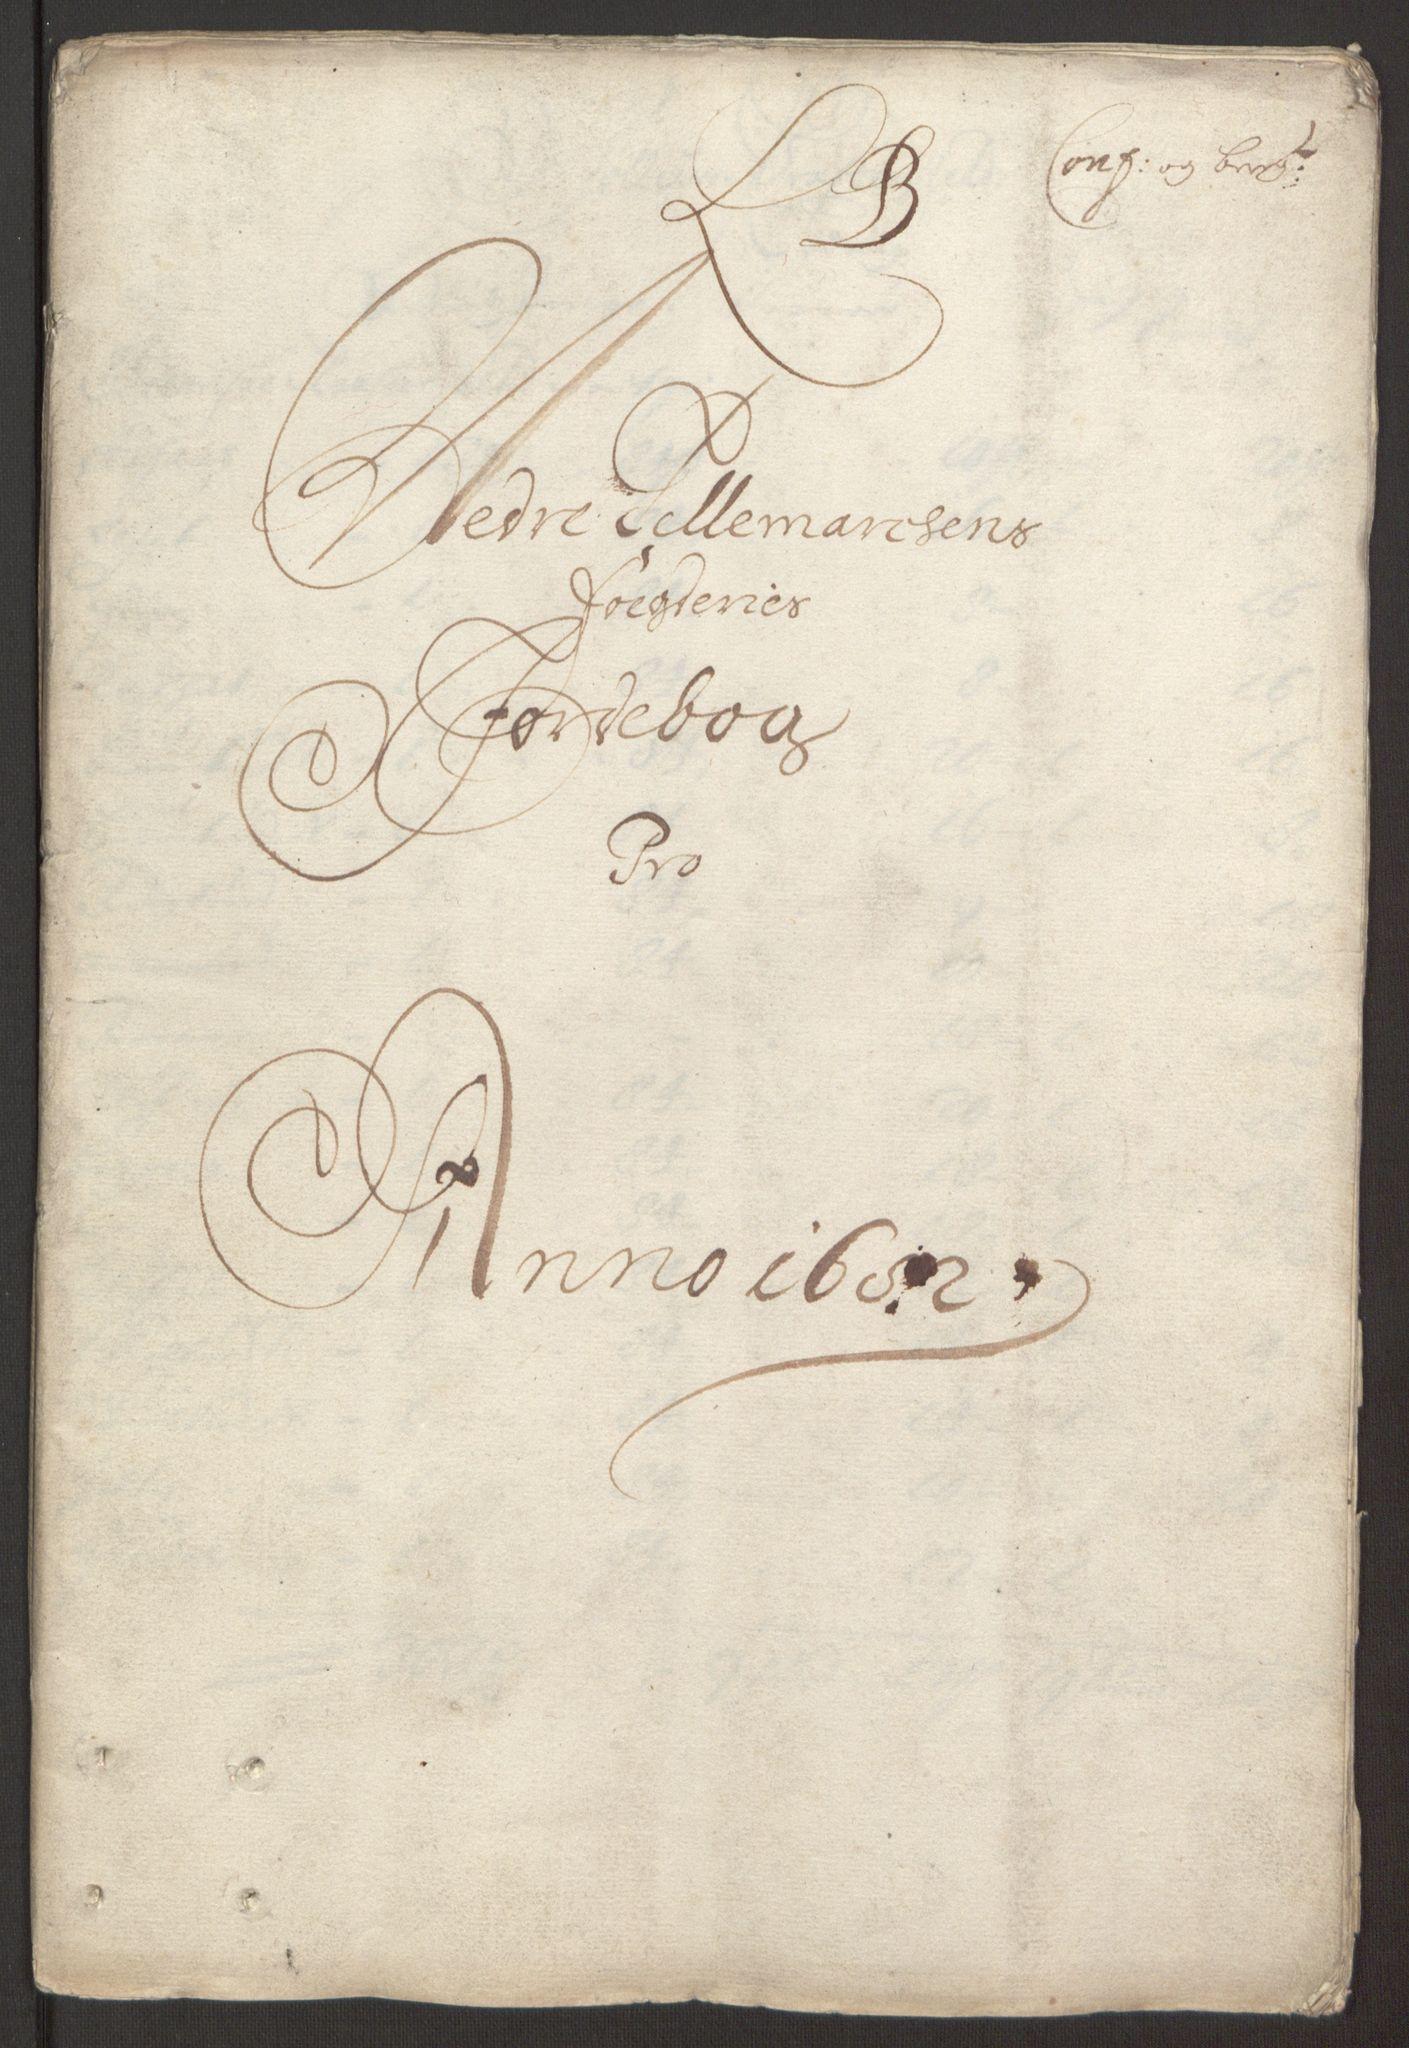 RA, Rentekammeret inntil 1814, Reviderte regnskaper, Fogderegnskap, R35/L2078: Fogderegnskap Øvre og Nedre Telemark, 1680-1684, s. 32